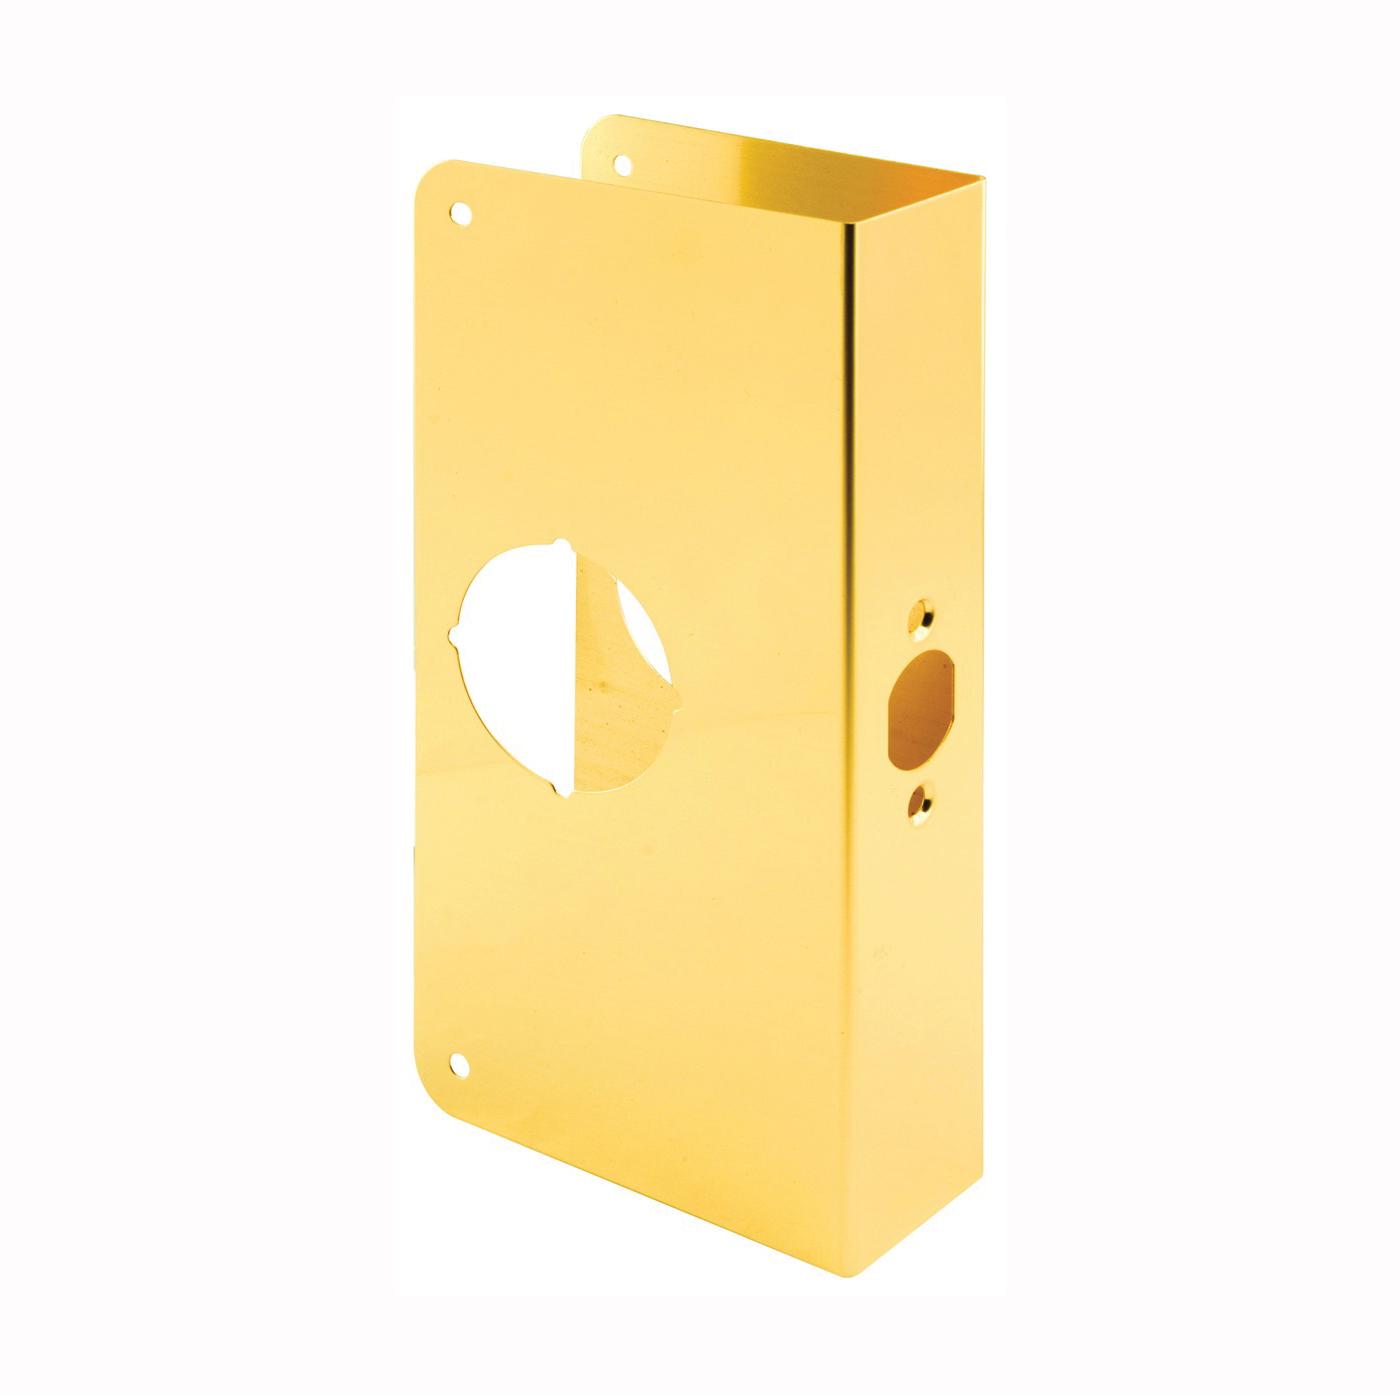 Picture of Prime-Line U 9548 Lock and Door Reinforcer, 2-3/8 in Backset, 1-3/4 in Thick Door, Brass, Brass, 9 in H